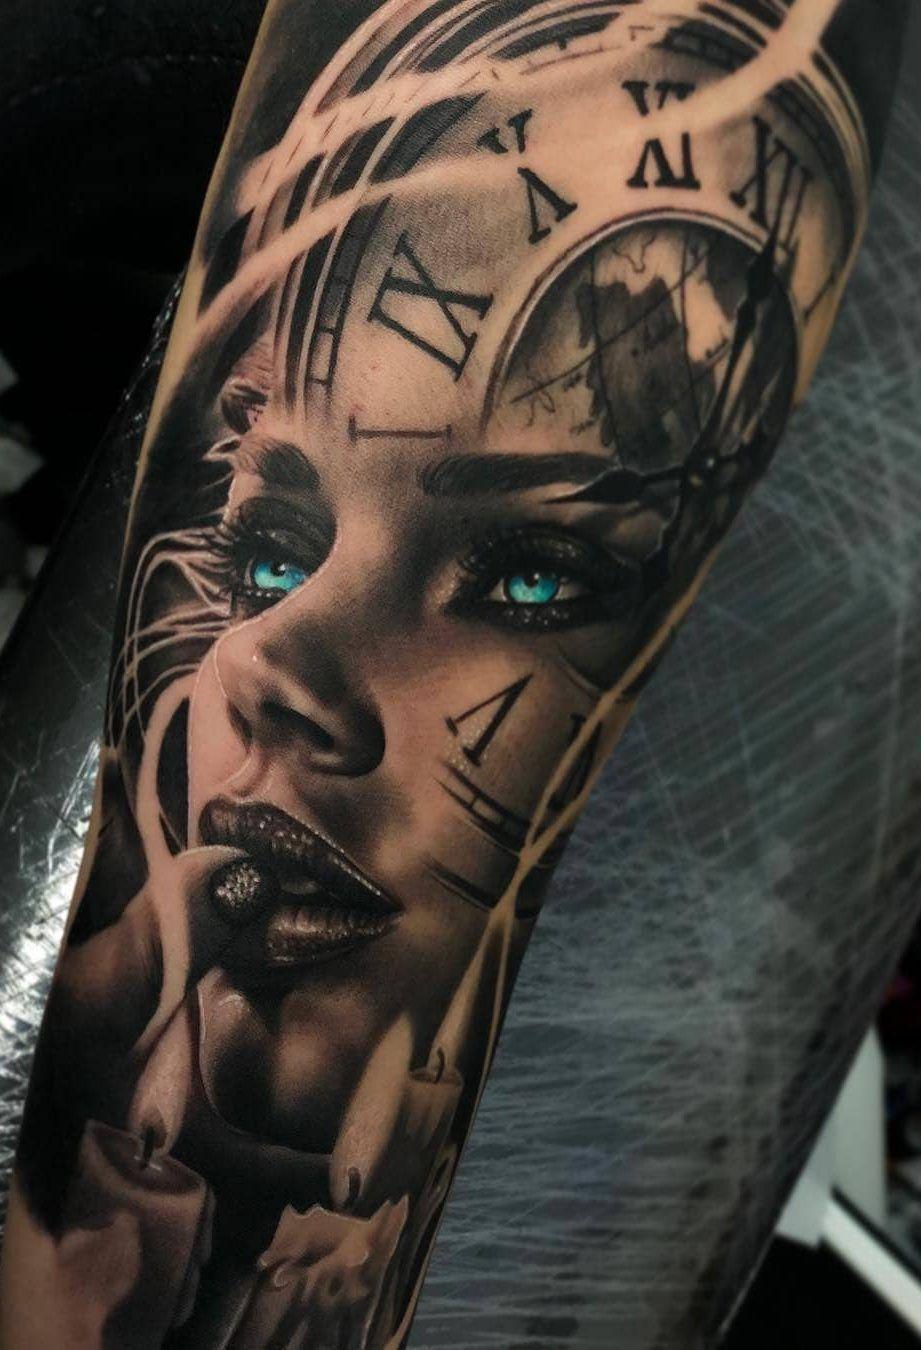 39+ erstaunliche und beste Arm Tattoo Design-Ideen für 2019 Teil 23 - Tattoos